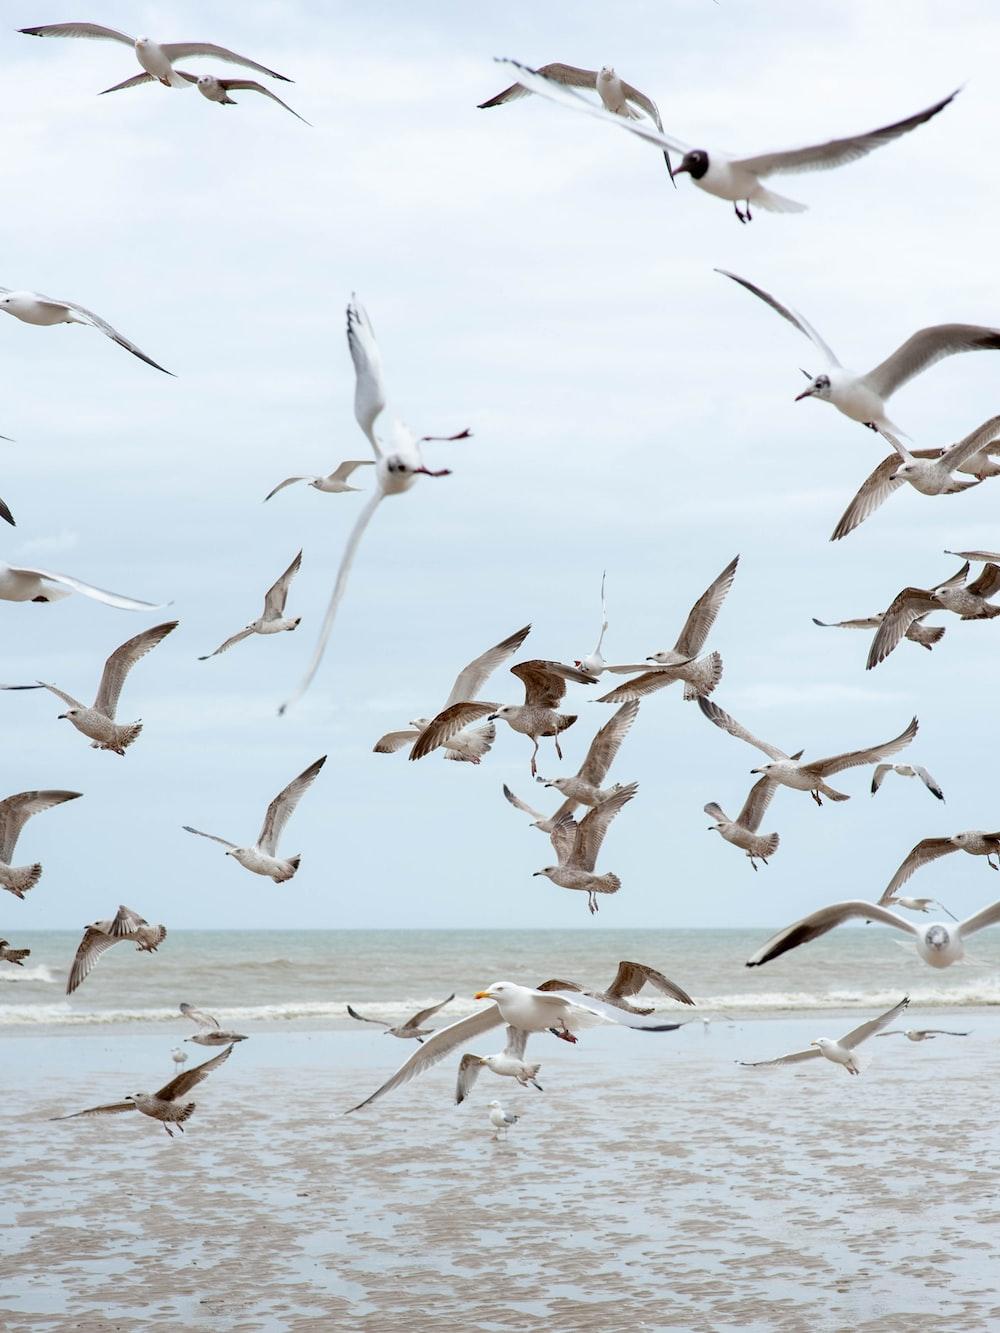 flying birds at daytime